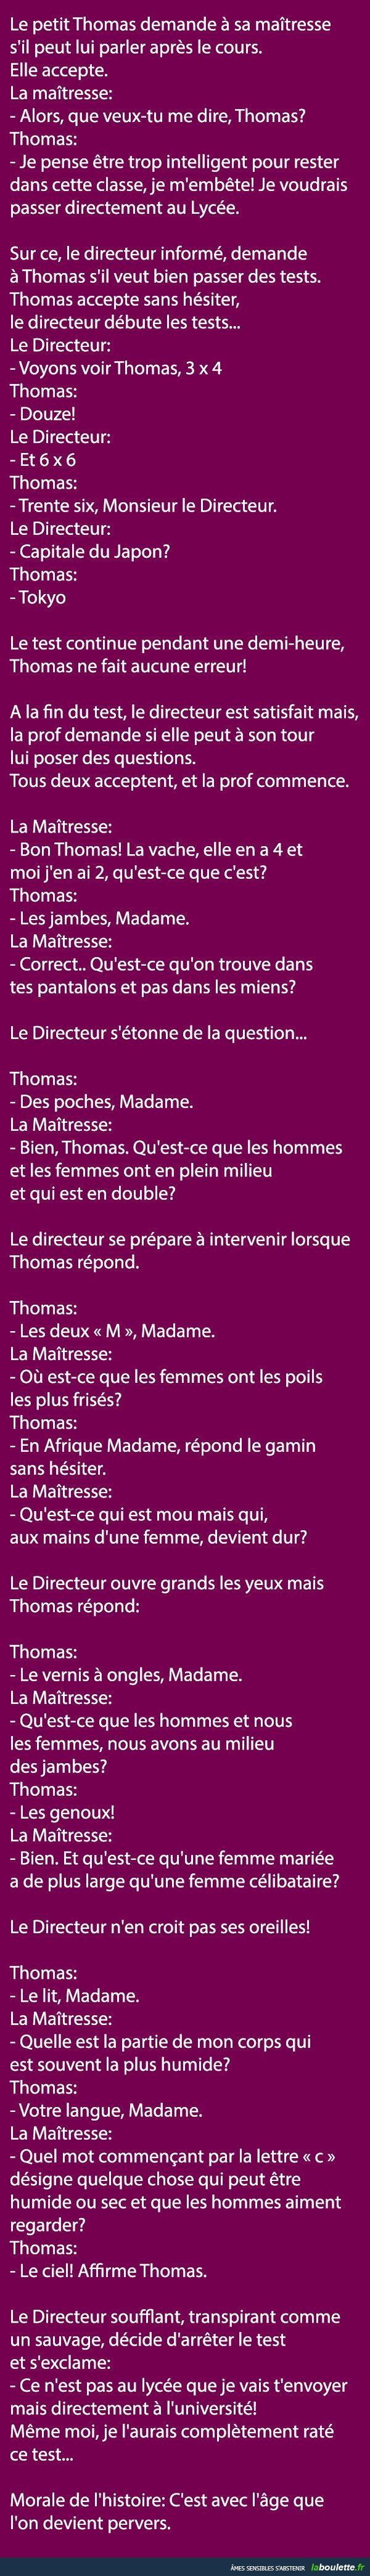 Le petit Thomas demande à sa maîtresse s'il peut lui parler après le cours... | LABOULETTE.fr - Les meilleures images du net!